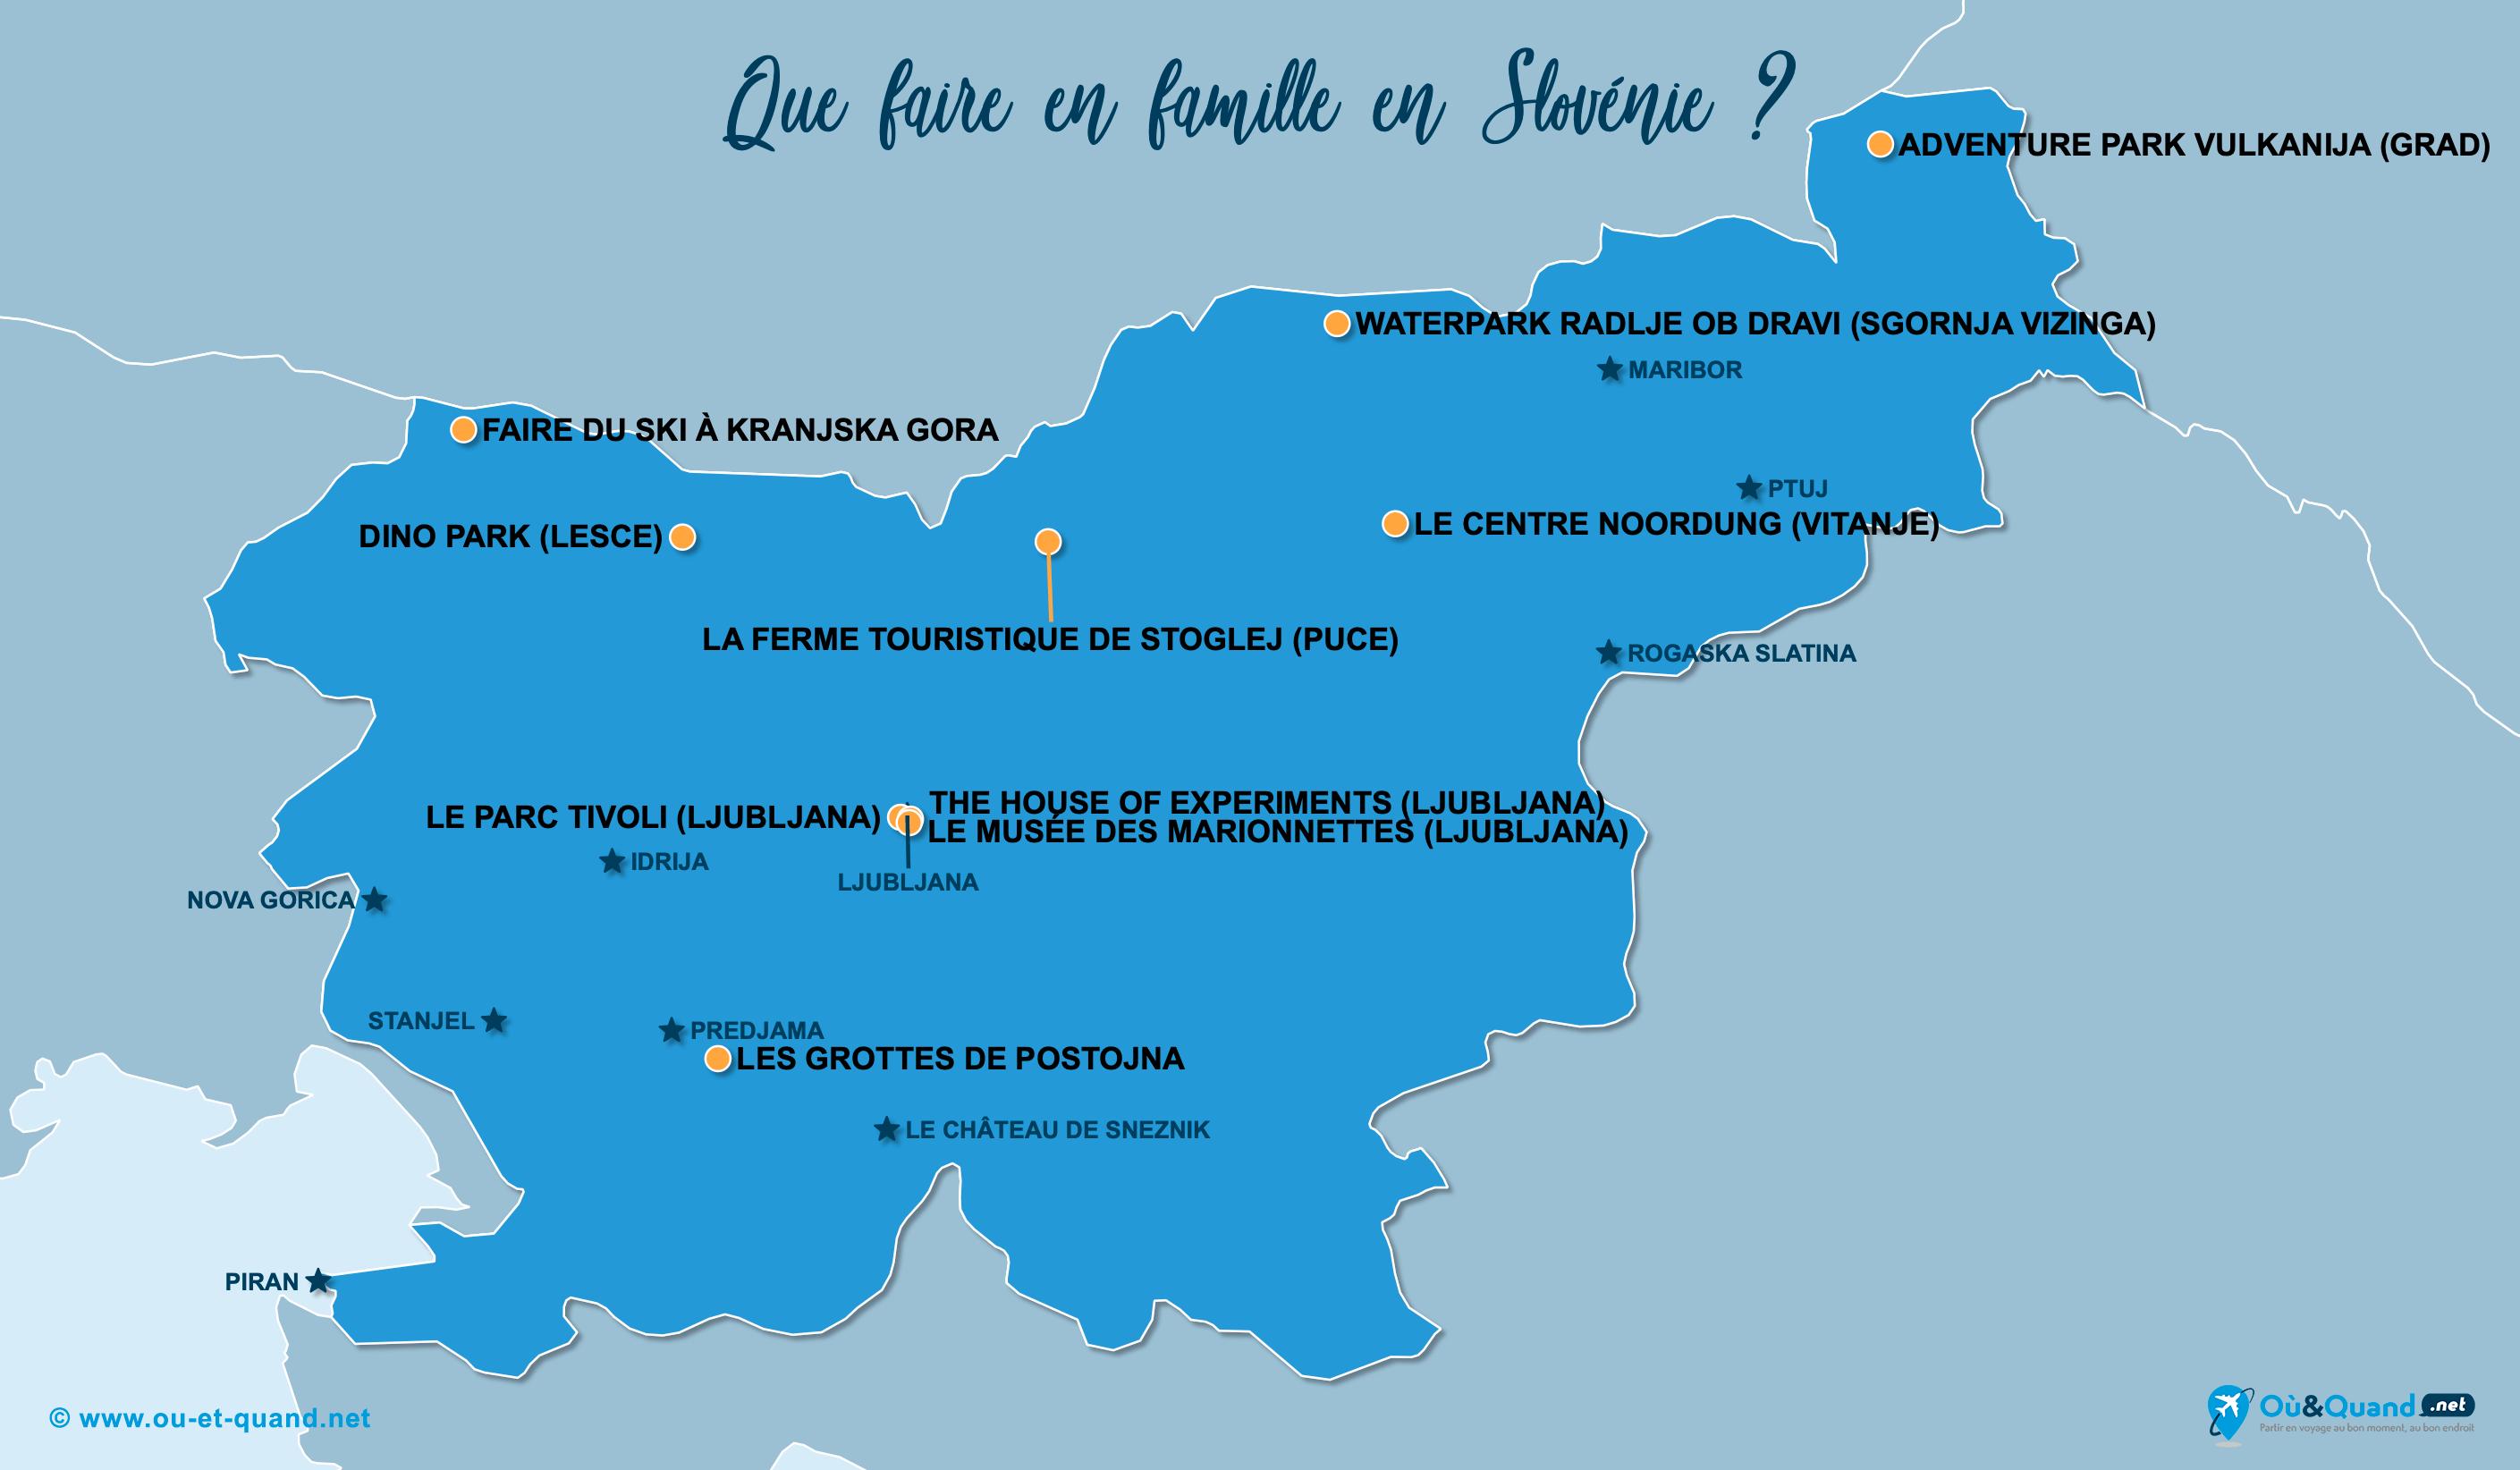 Carte Slovénie : La Slovénie en famille